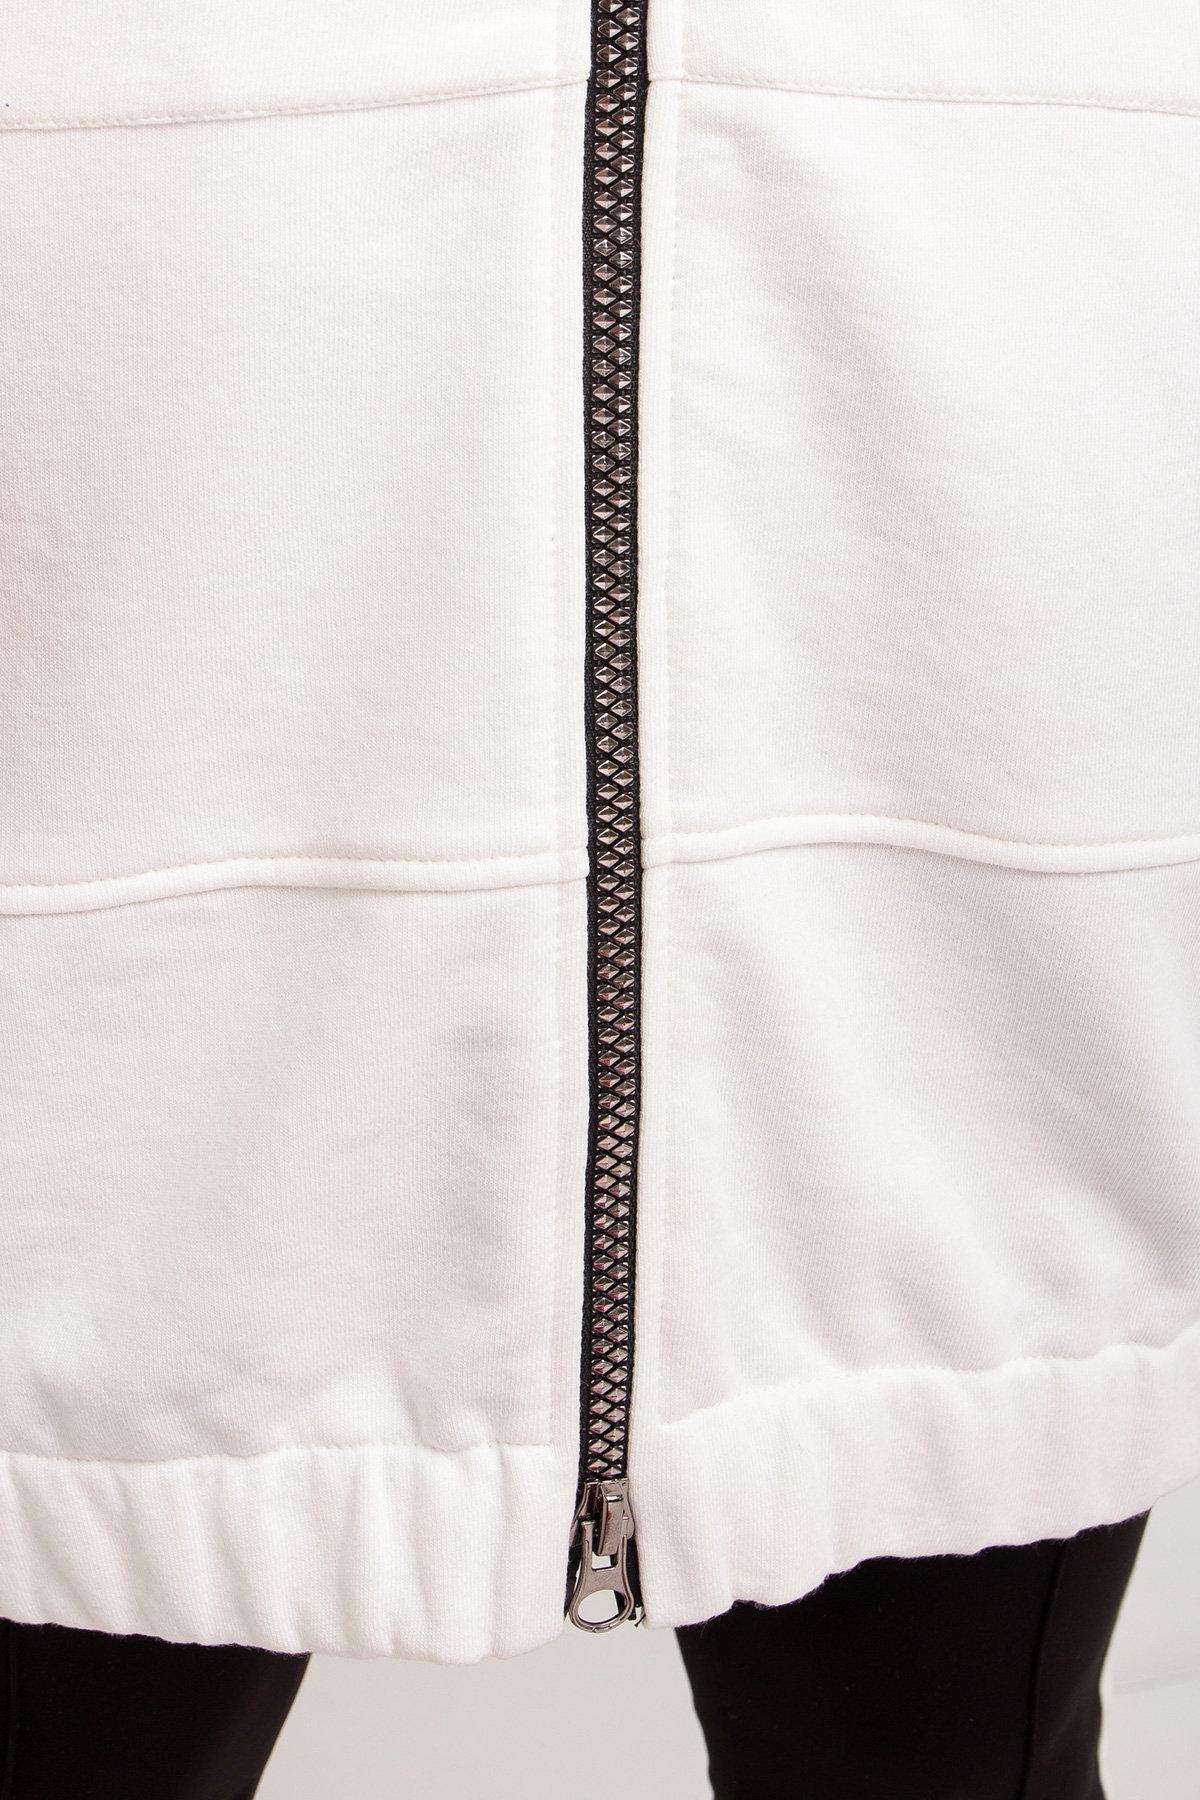 Кардиган Турбо 8991 Цвет: Молоко/белый